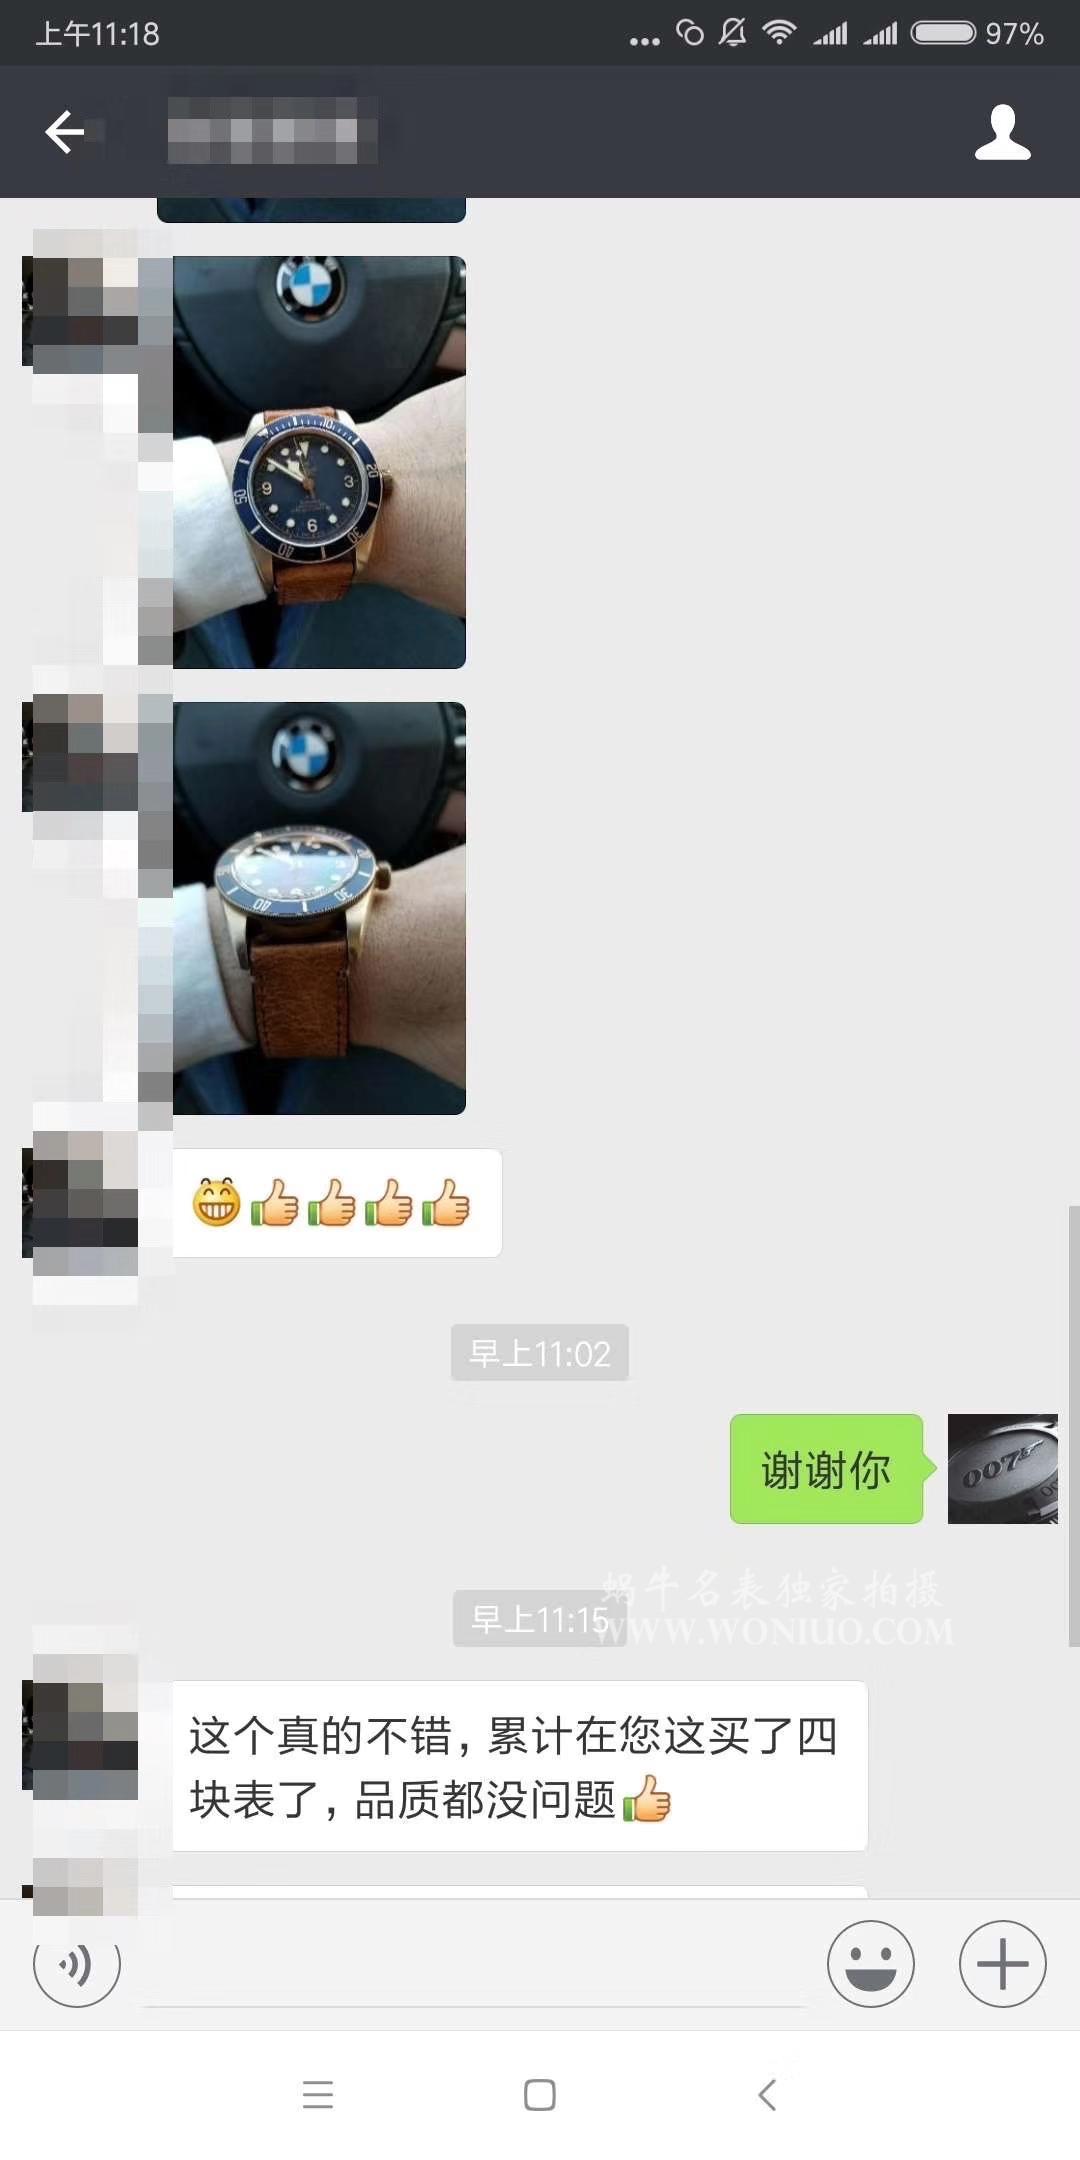 【独家视频解析】【XF厂一比一超A高仿手表】帝舵TUDOR启承系列帝驼蓝铜花